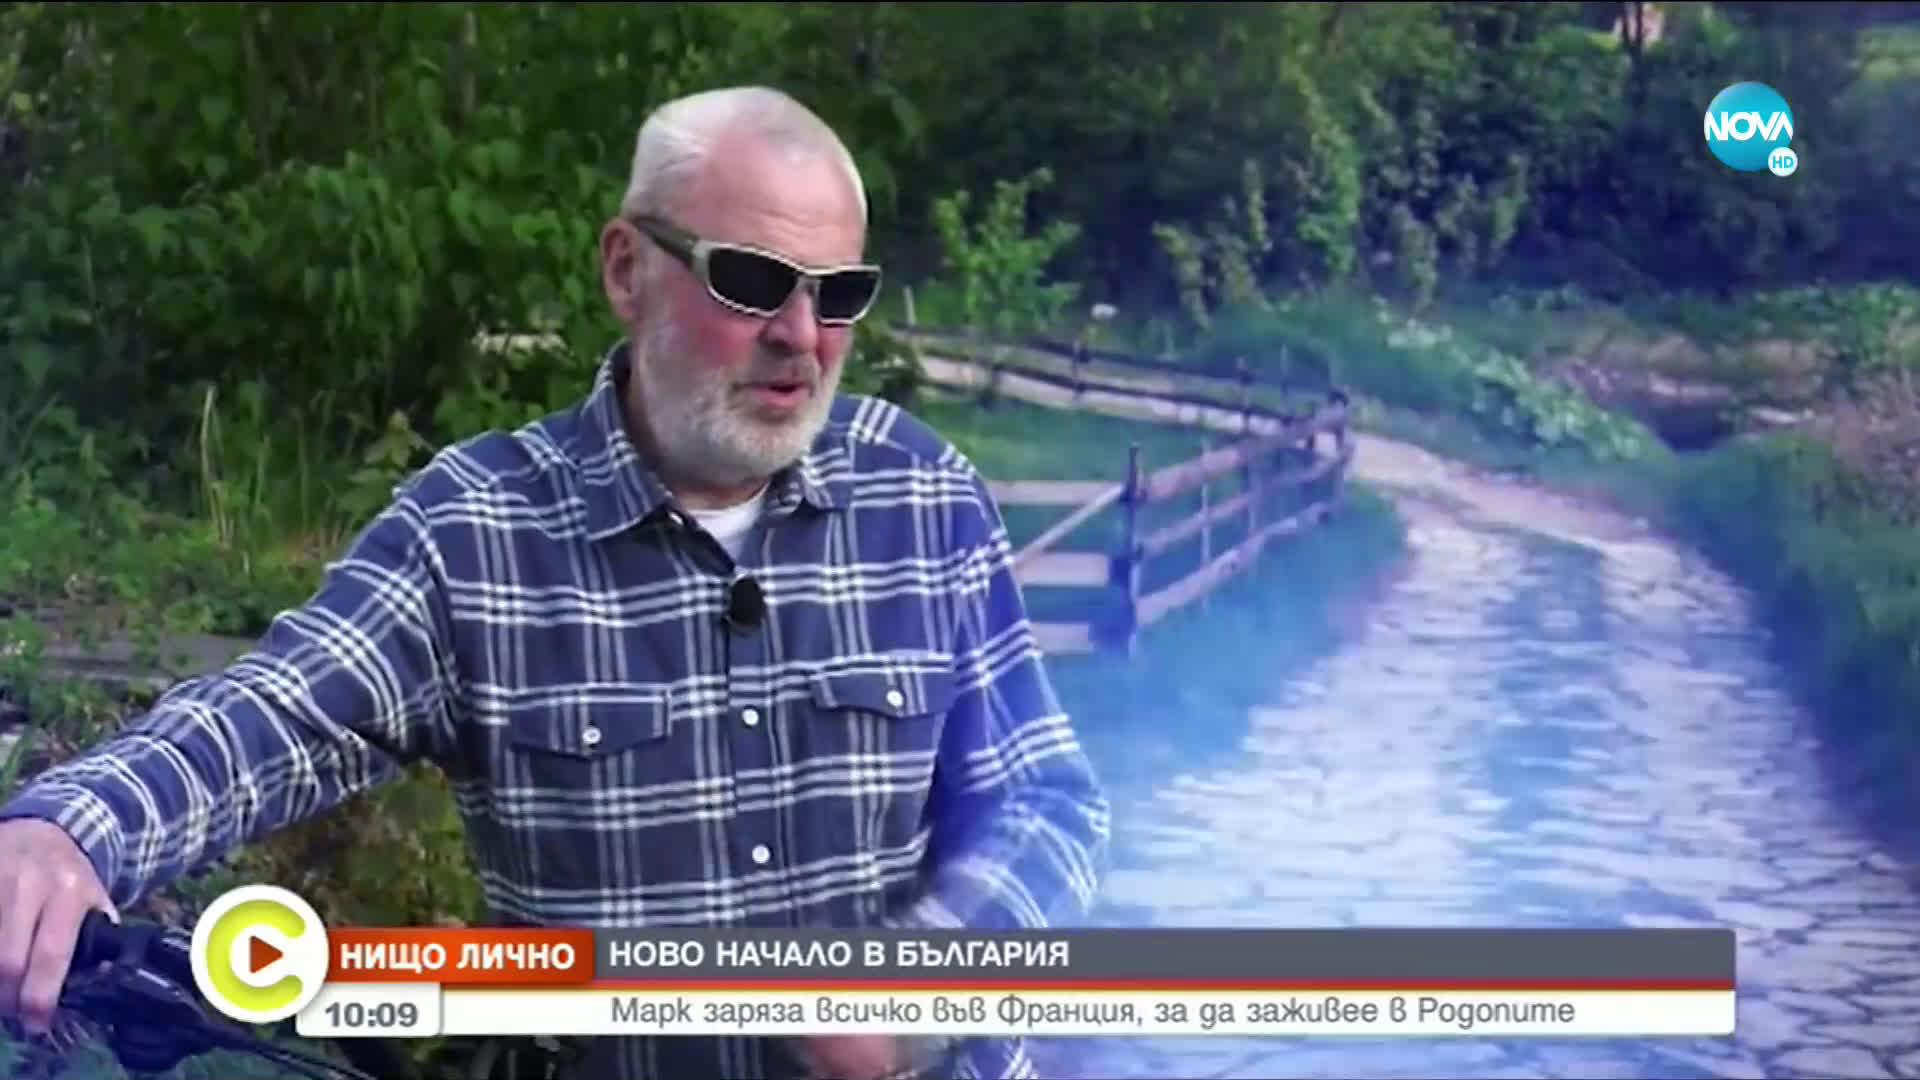 НИЩО ЛИЧНО: Французинът, който избра да започне отначало... в България